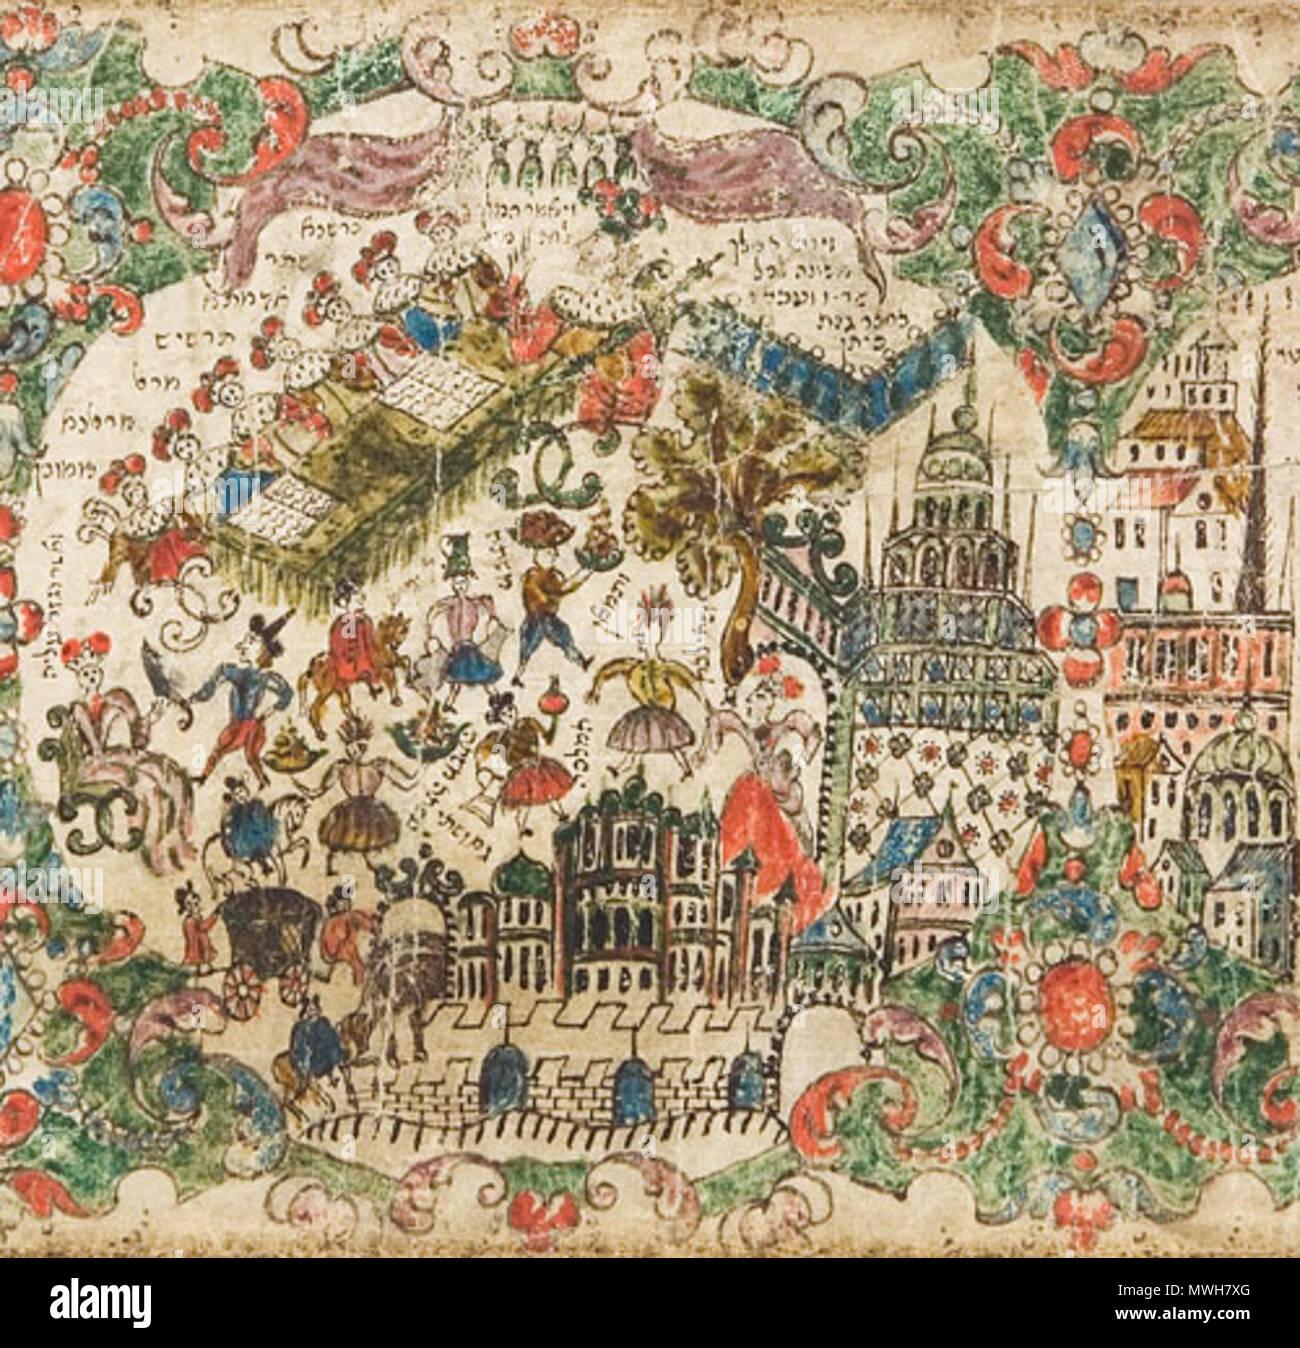 Anglais Un Illustre Du Debut Du Xviiie Siecle Manuscrit